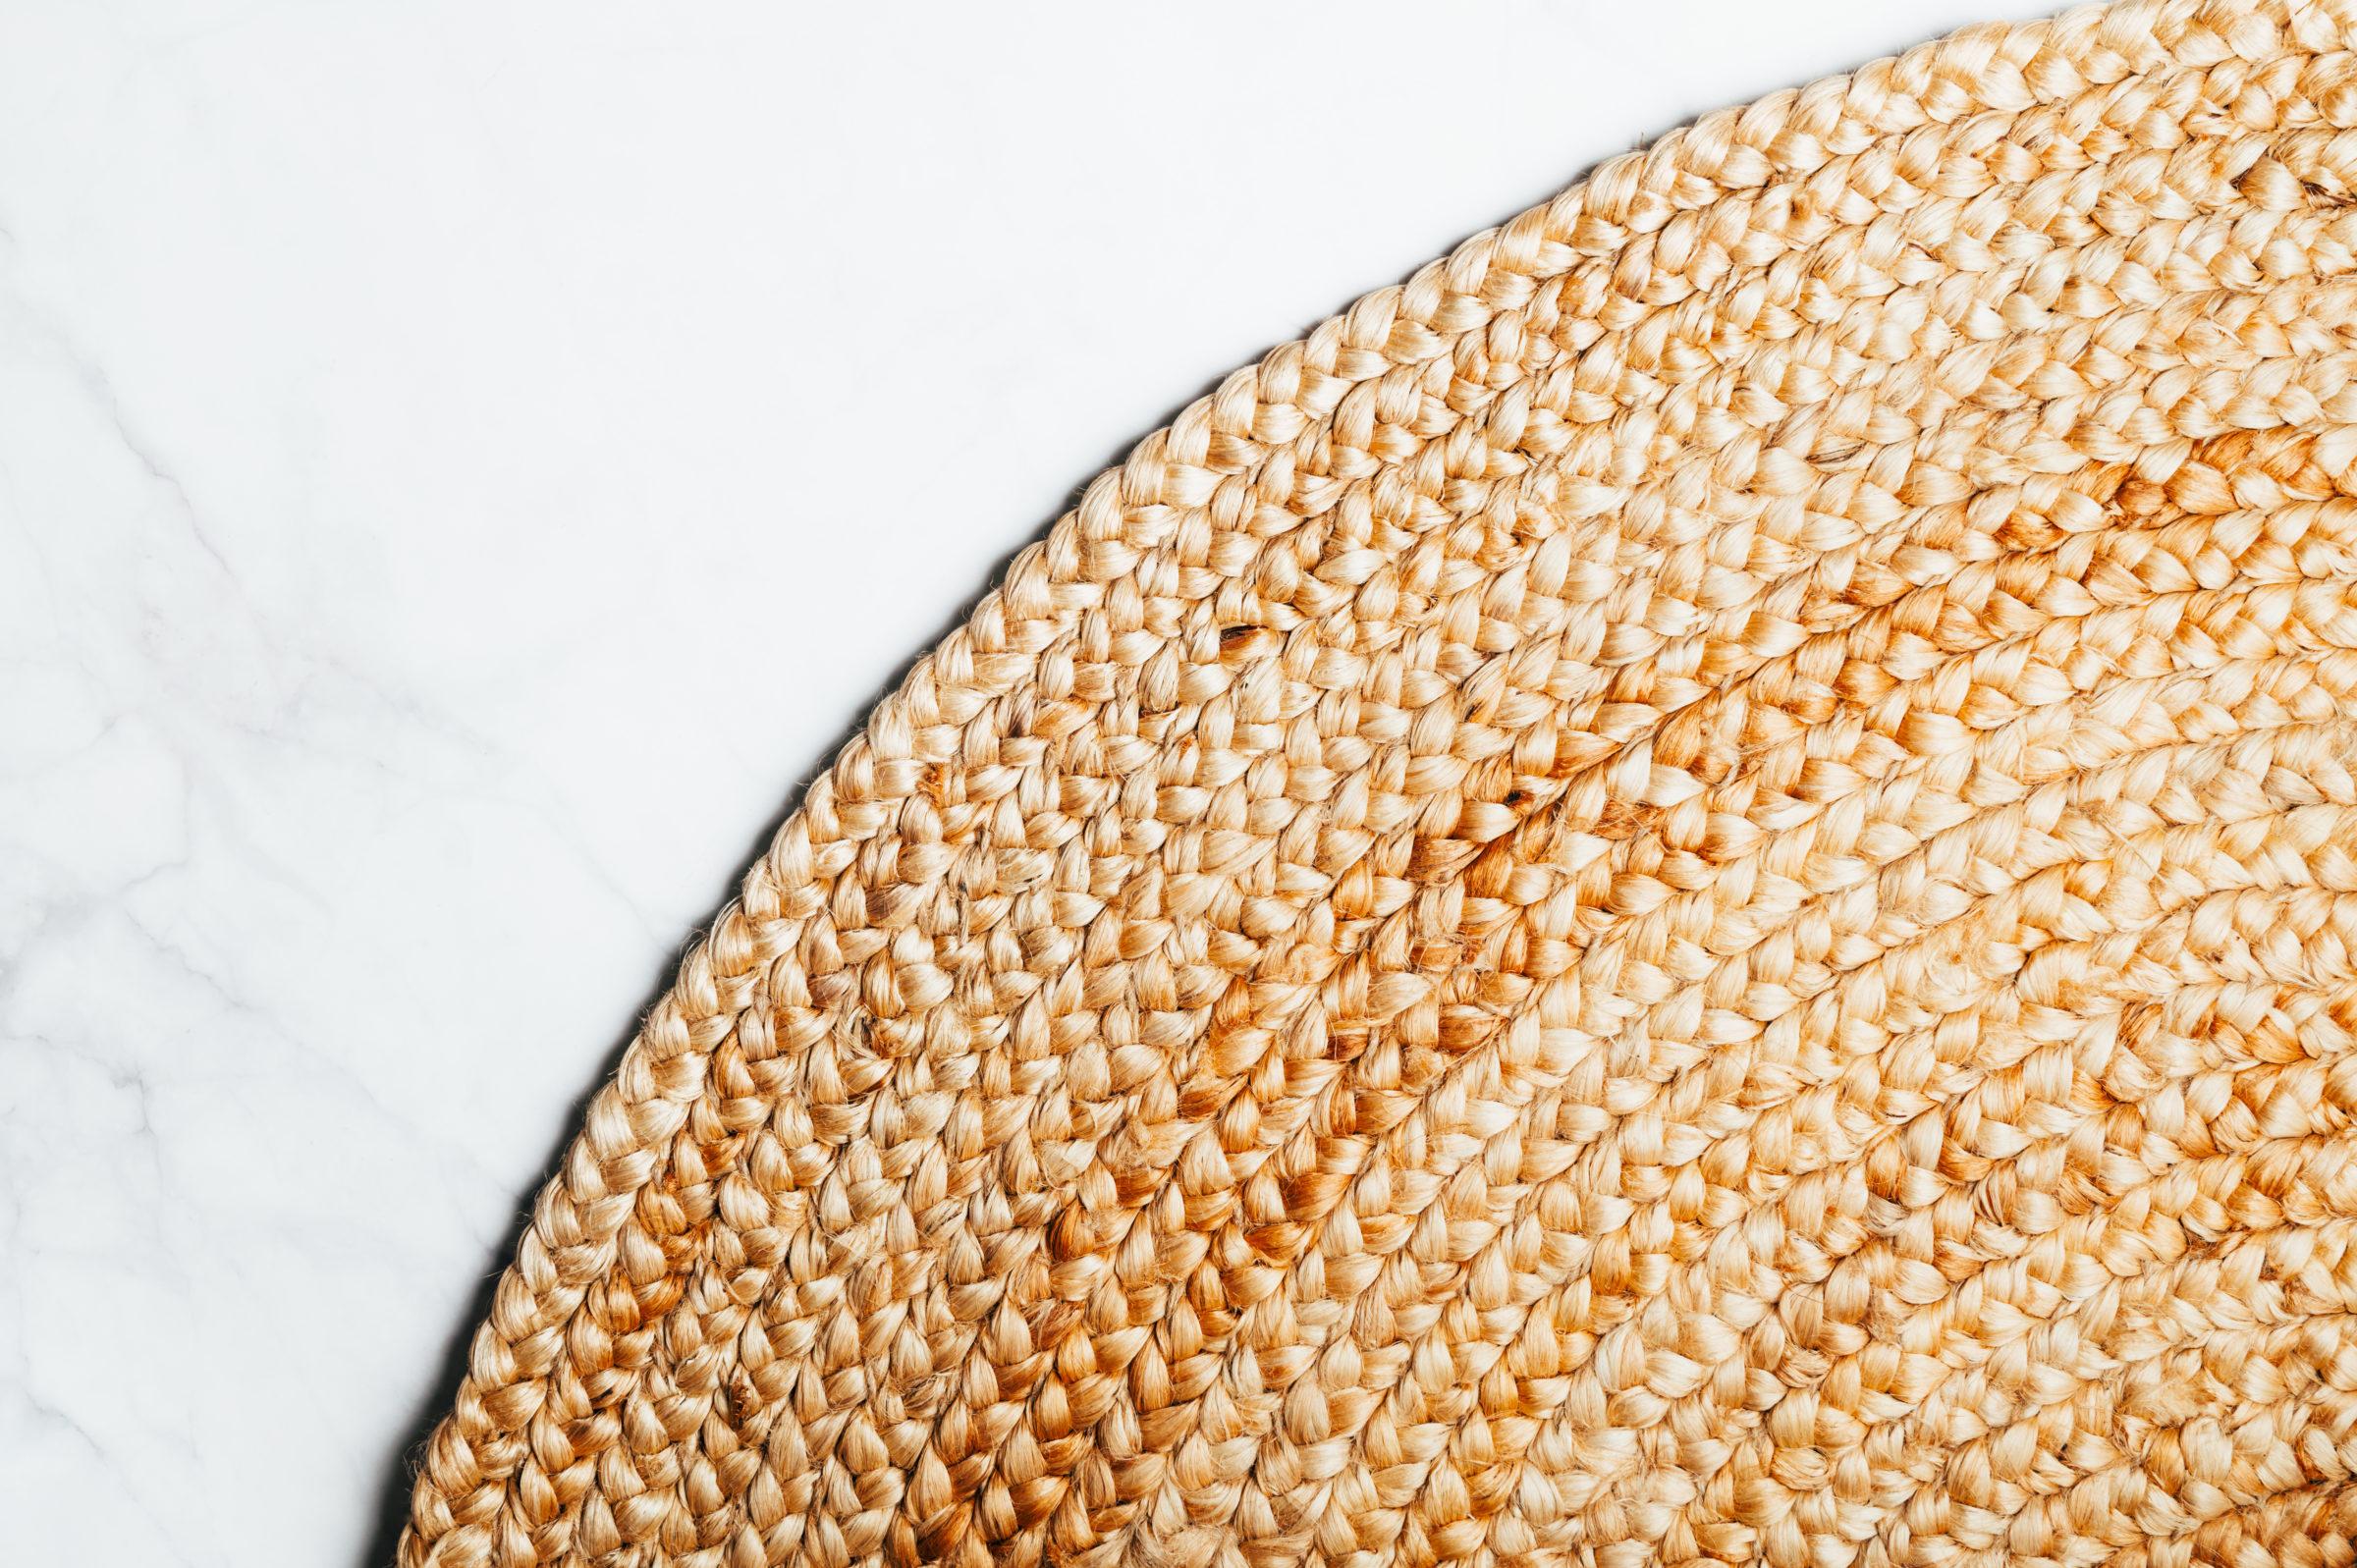 jute rug natural fiber carpet 2021 04 06 20 26 23 utc